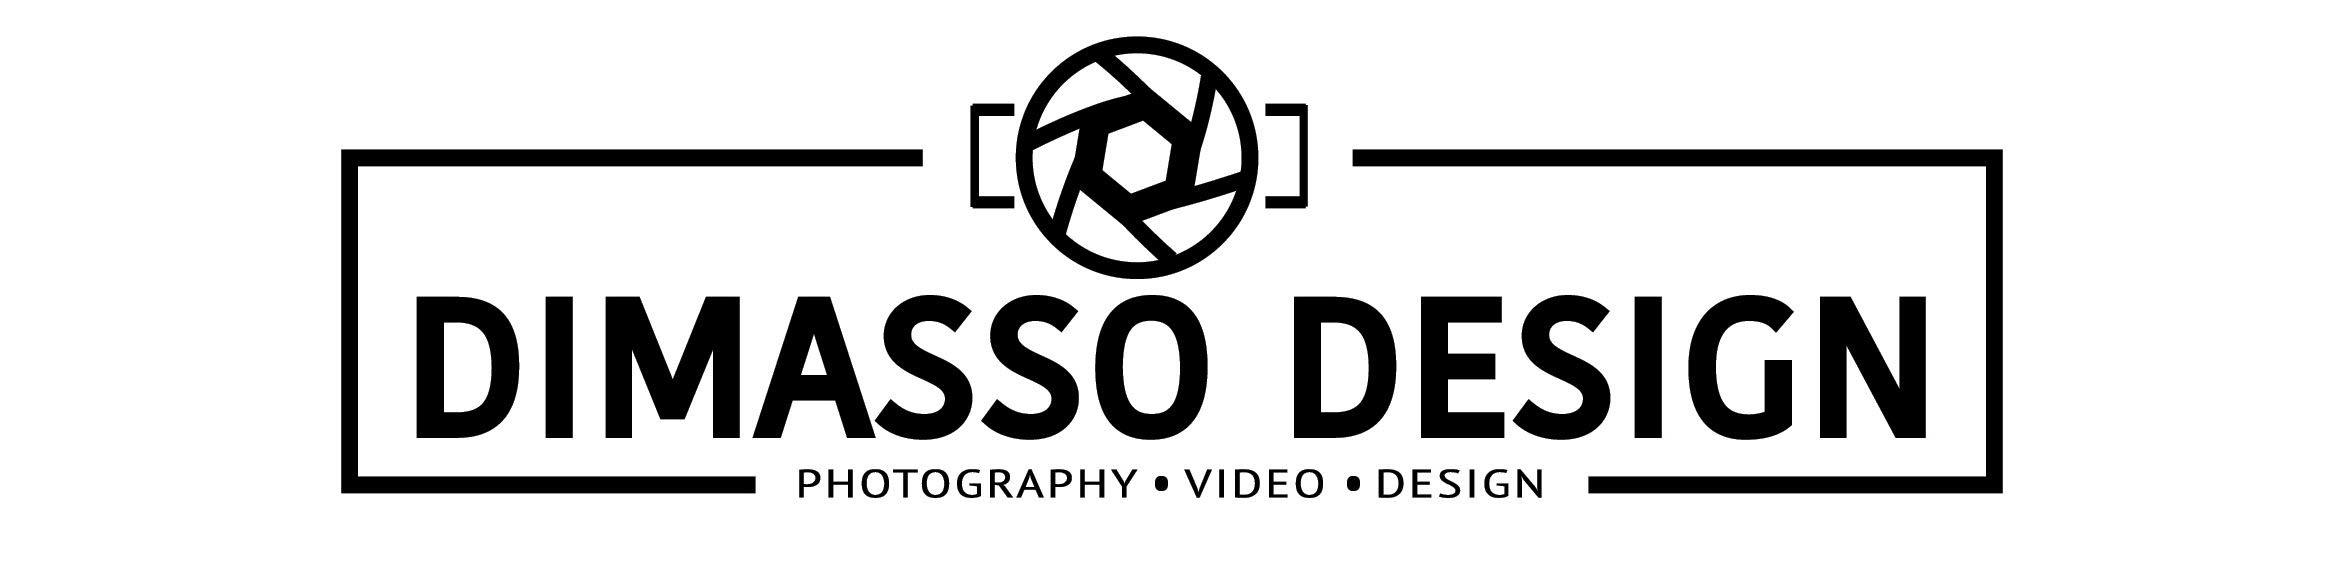 DiMasso Design